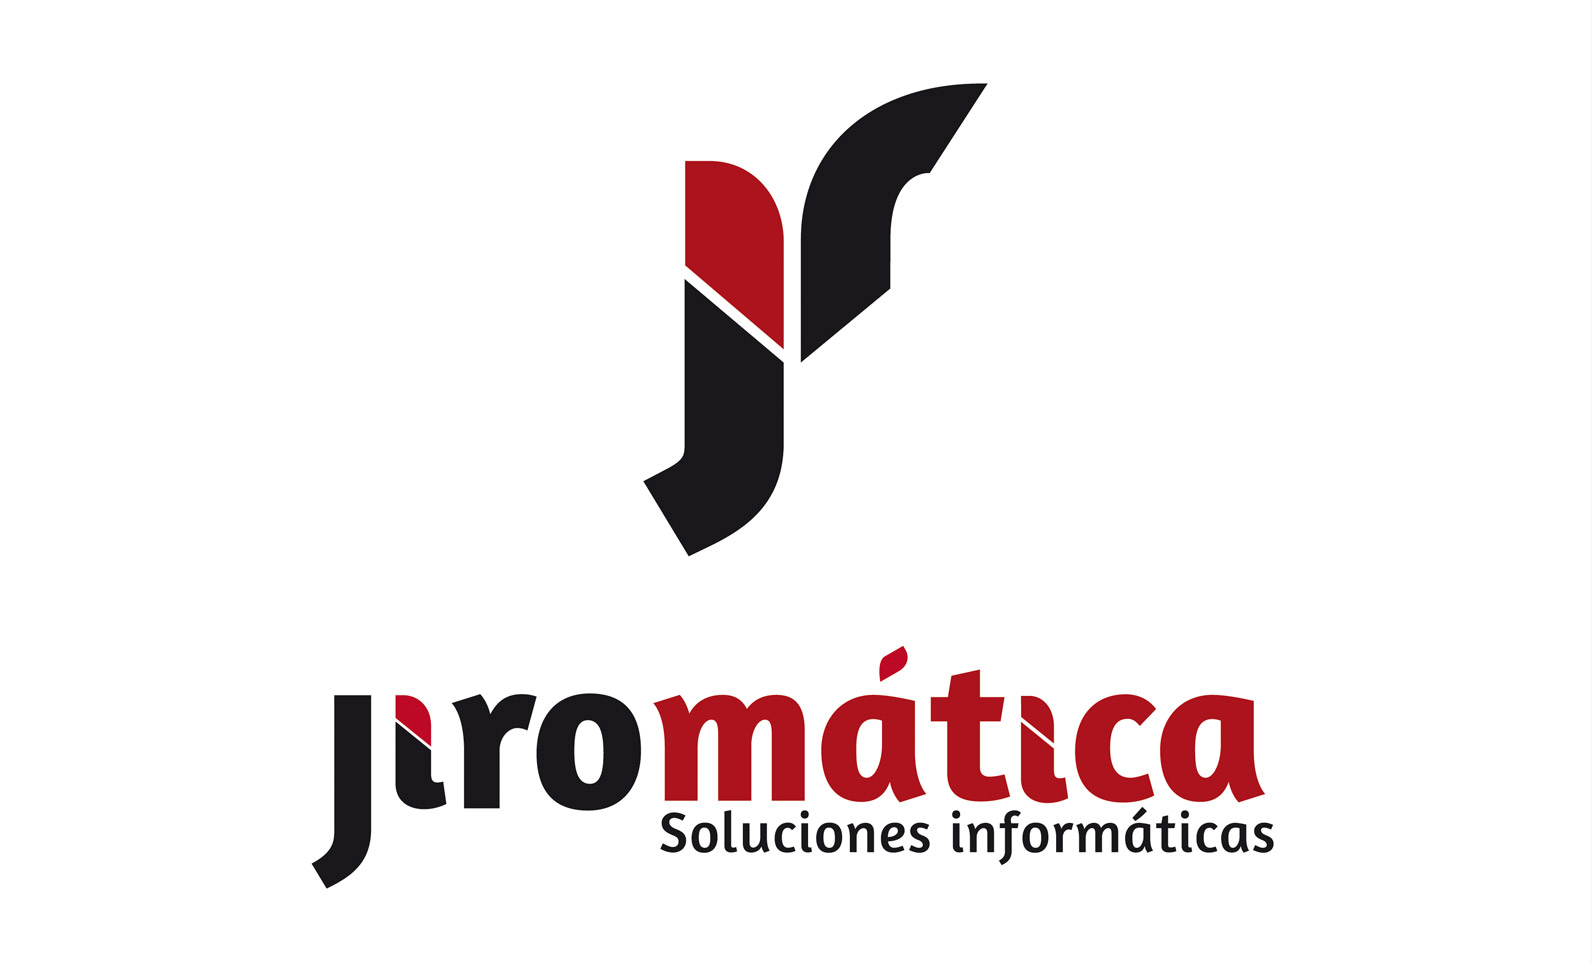 Jiromática - Soluciones informáticas